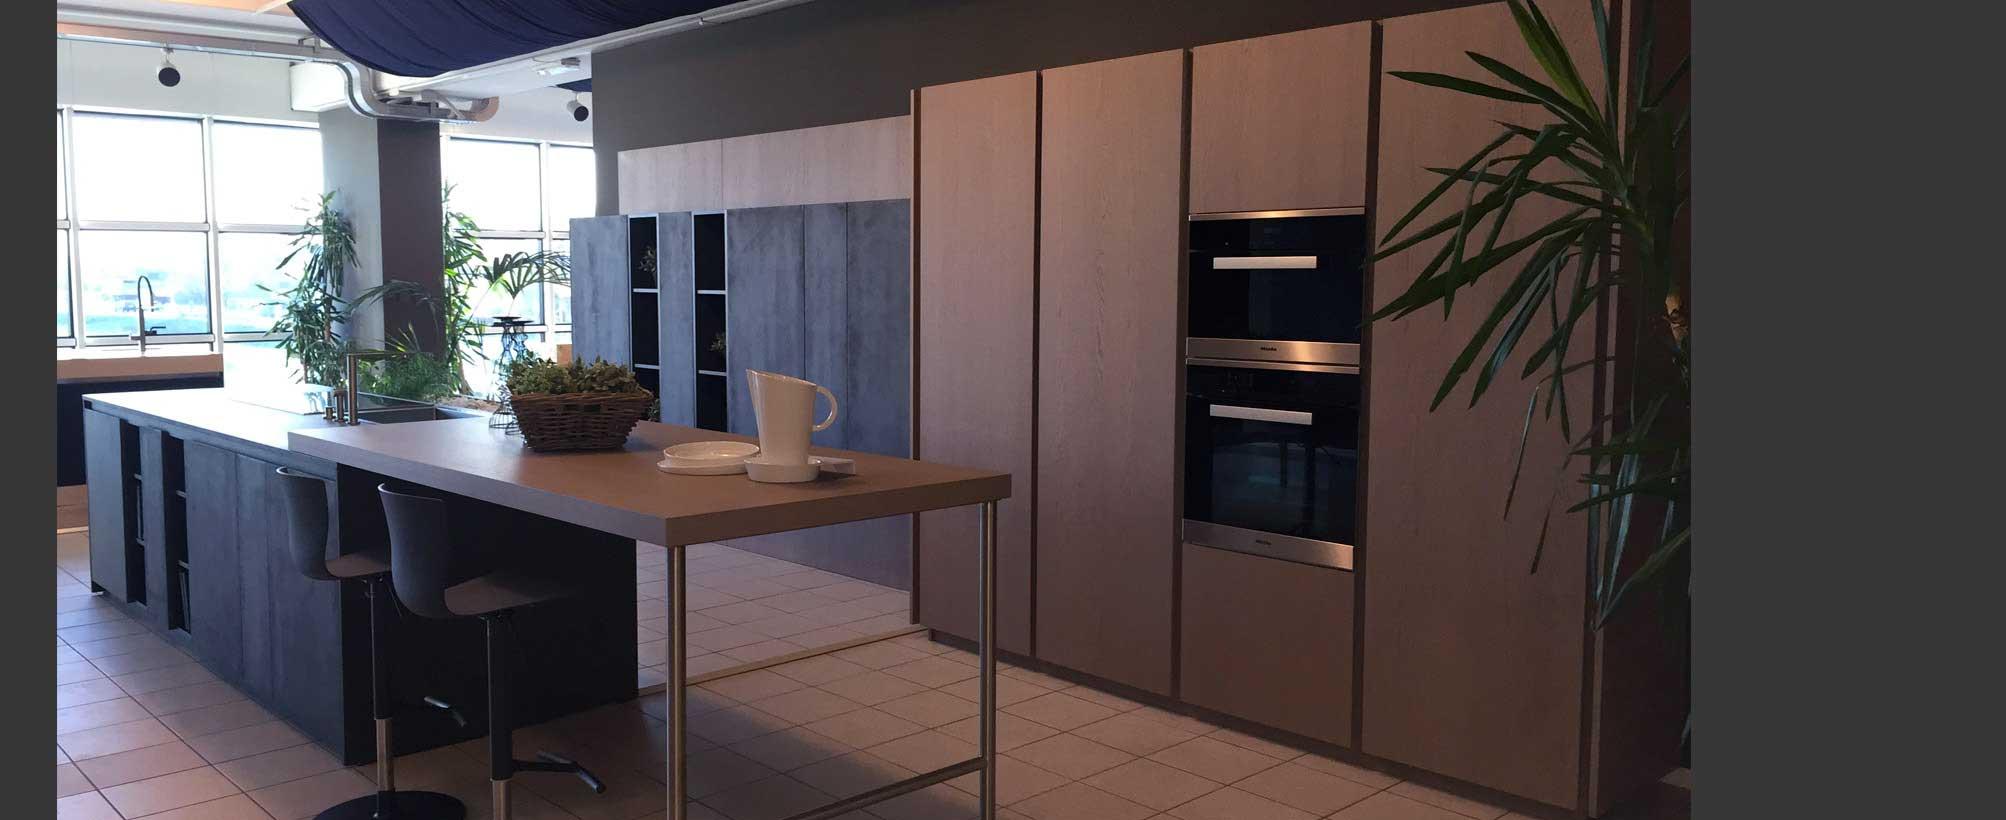 Ingrosso mobili vendita di cucine camere salotti for Fabbrica mobili torino